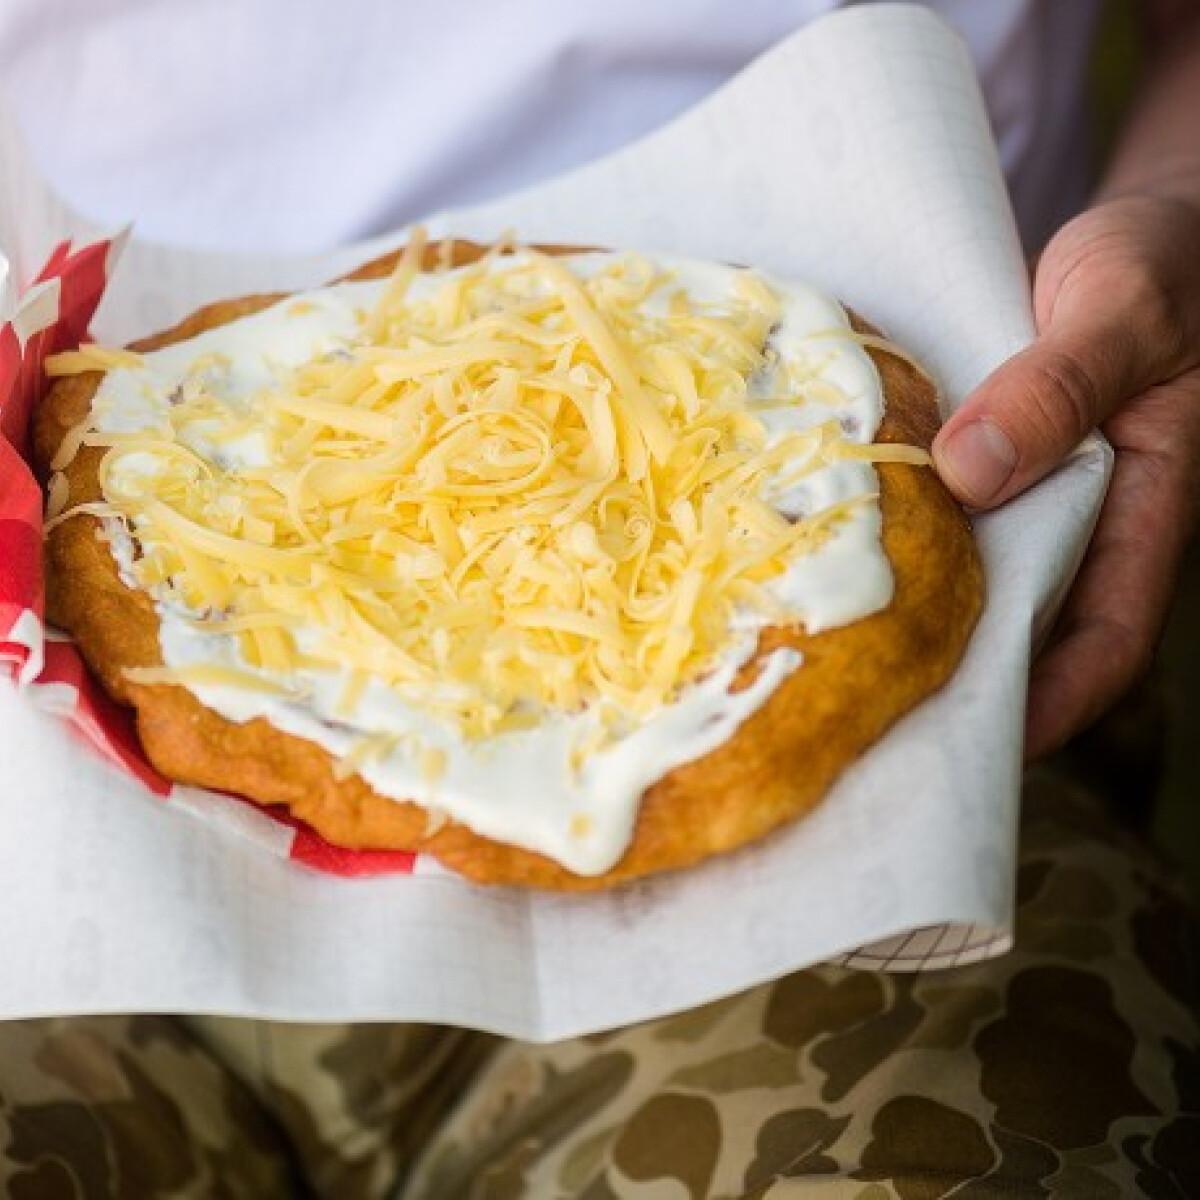 1000 forintos lángos, 550 forintos hekk - megnéztük, mennyiért ehetünk idén a Balatonnál